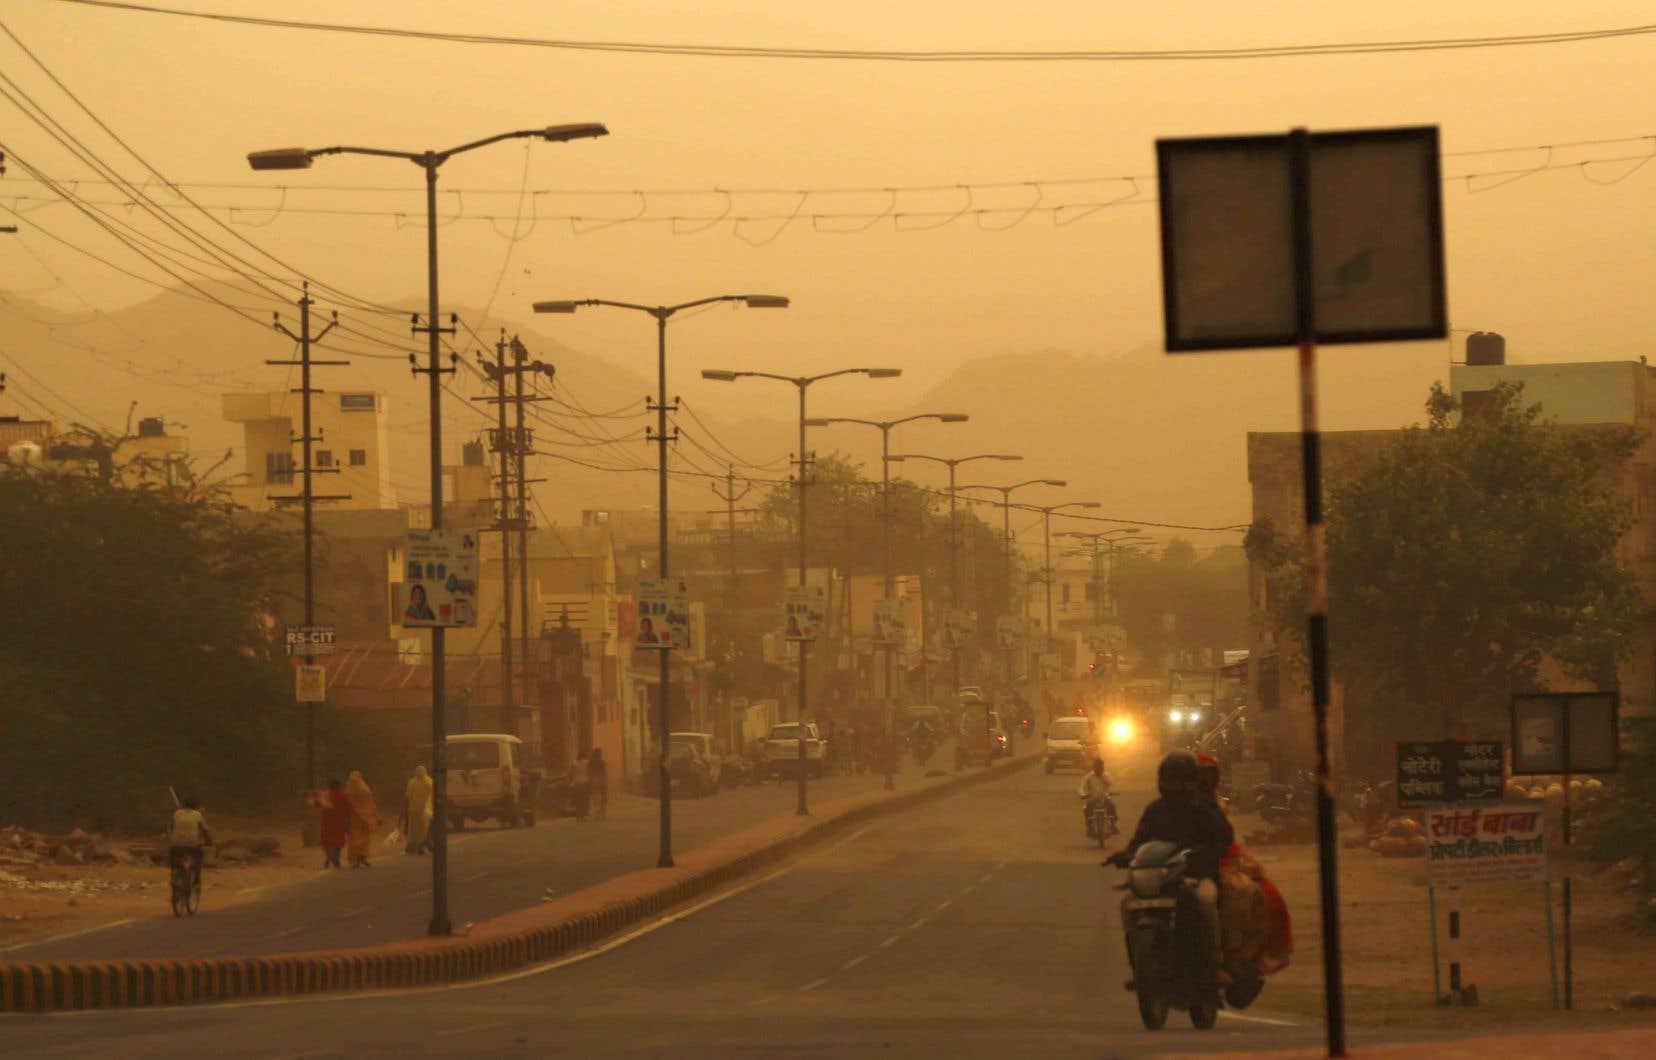 Les tempêtes ont entraîné la mort de plus de 150 personnes en Inde depuis le début du mois.